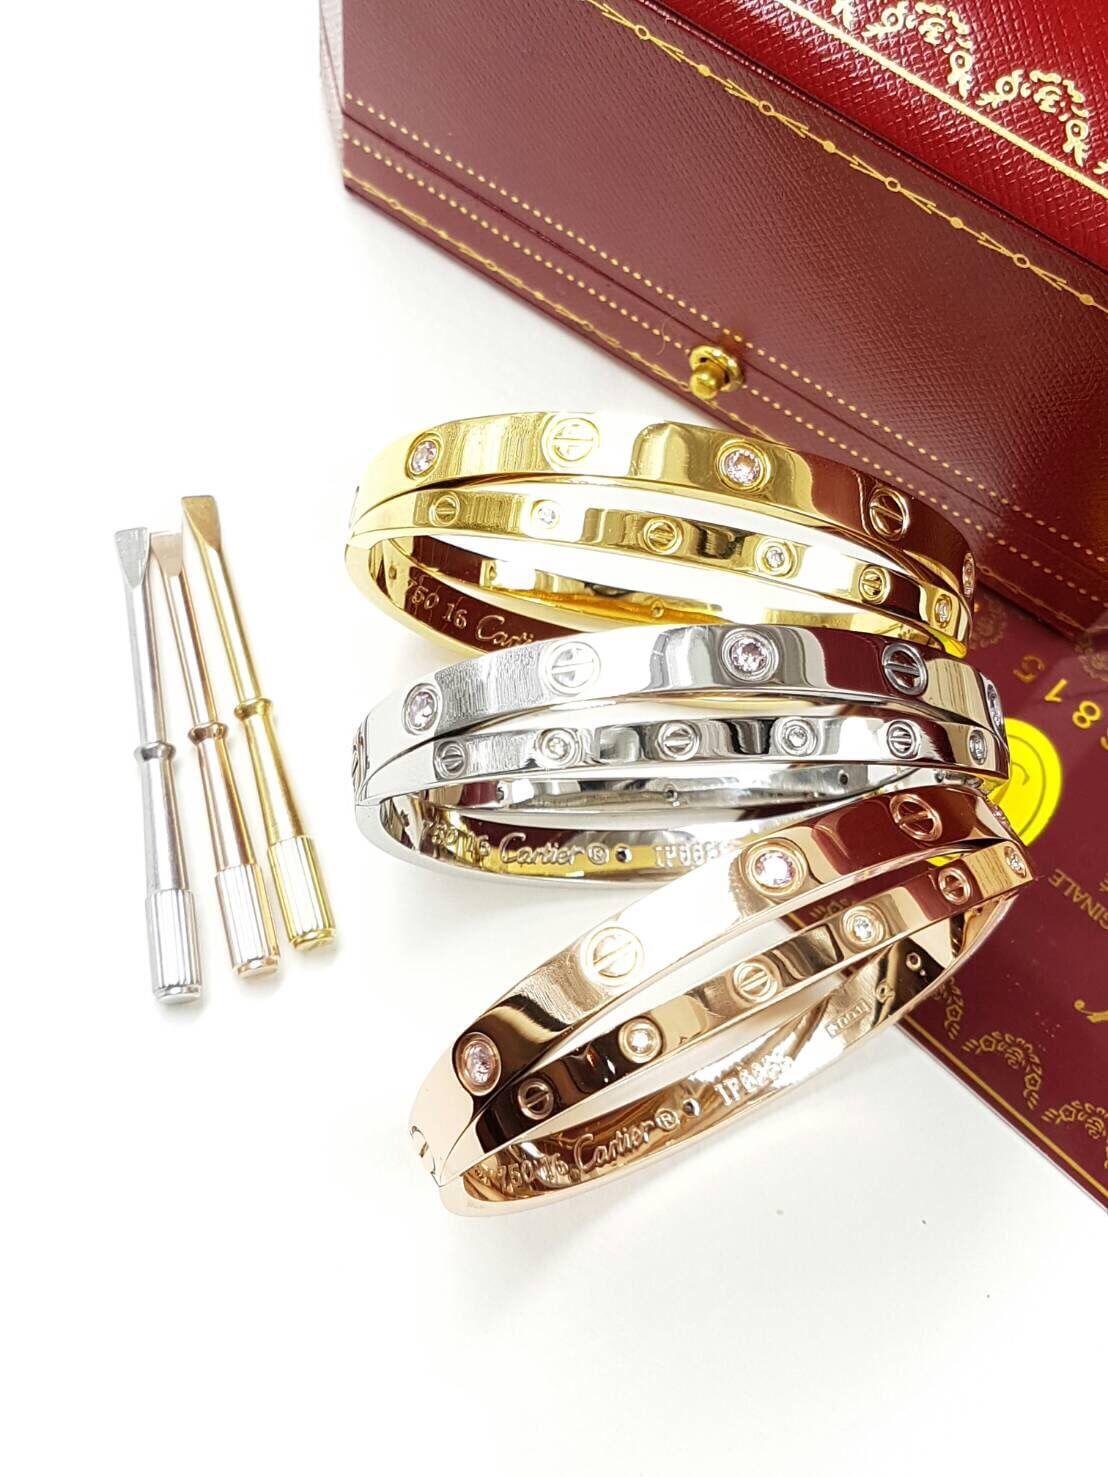 พร้อมส่ง กำไลCartier รุ่น love Bracelet รุ่นใหม่ล่าสุด